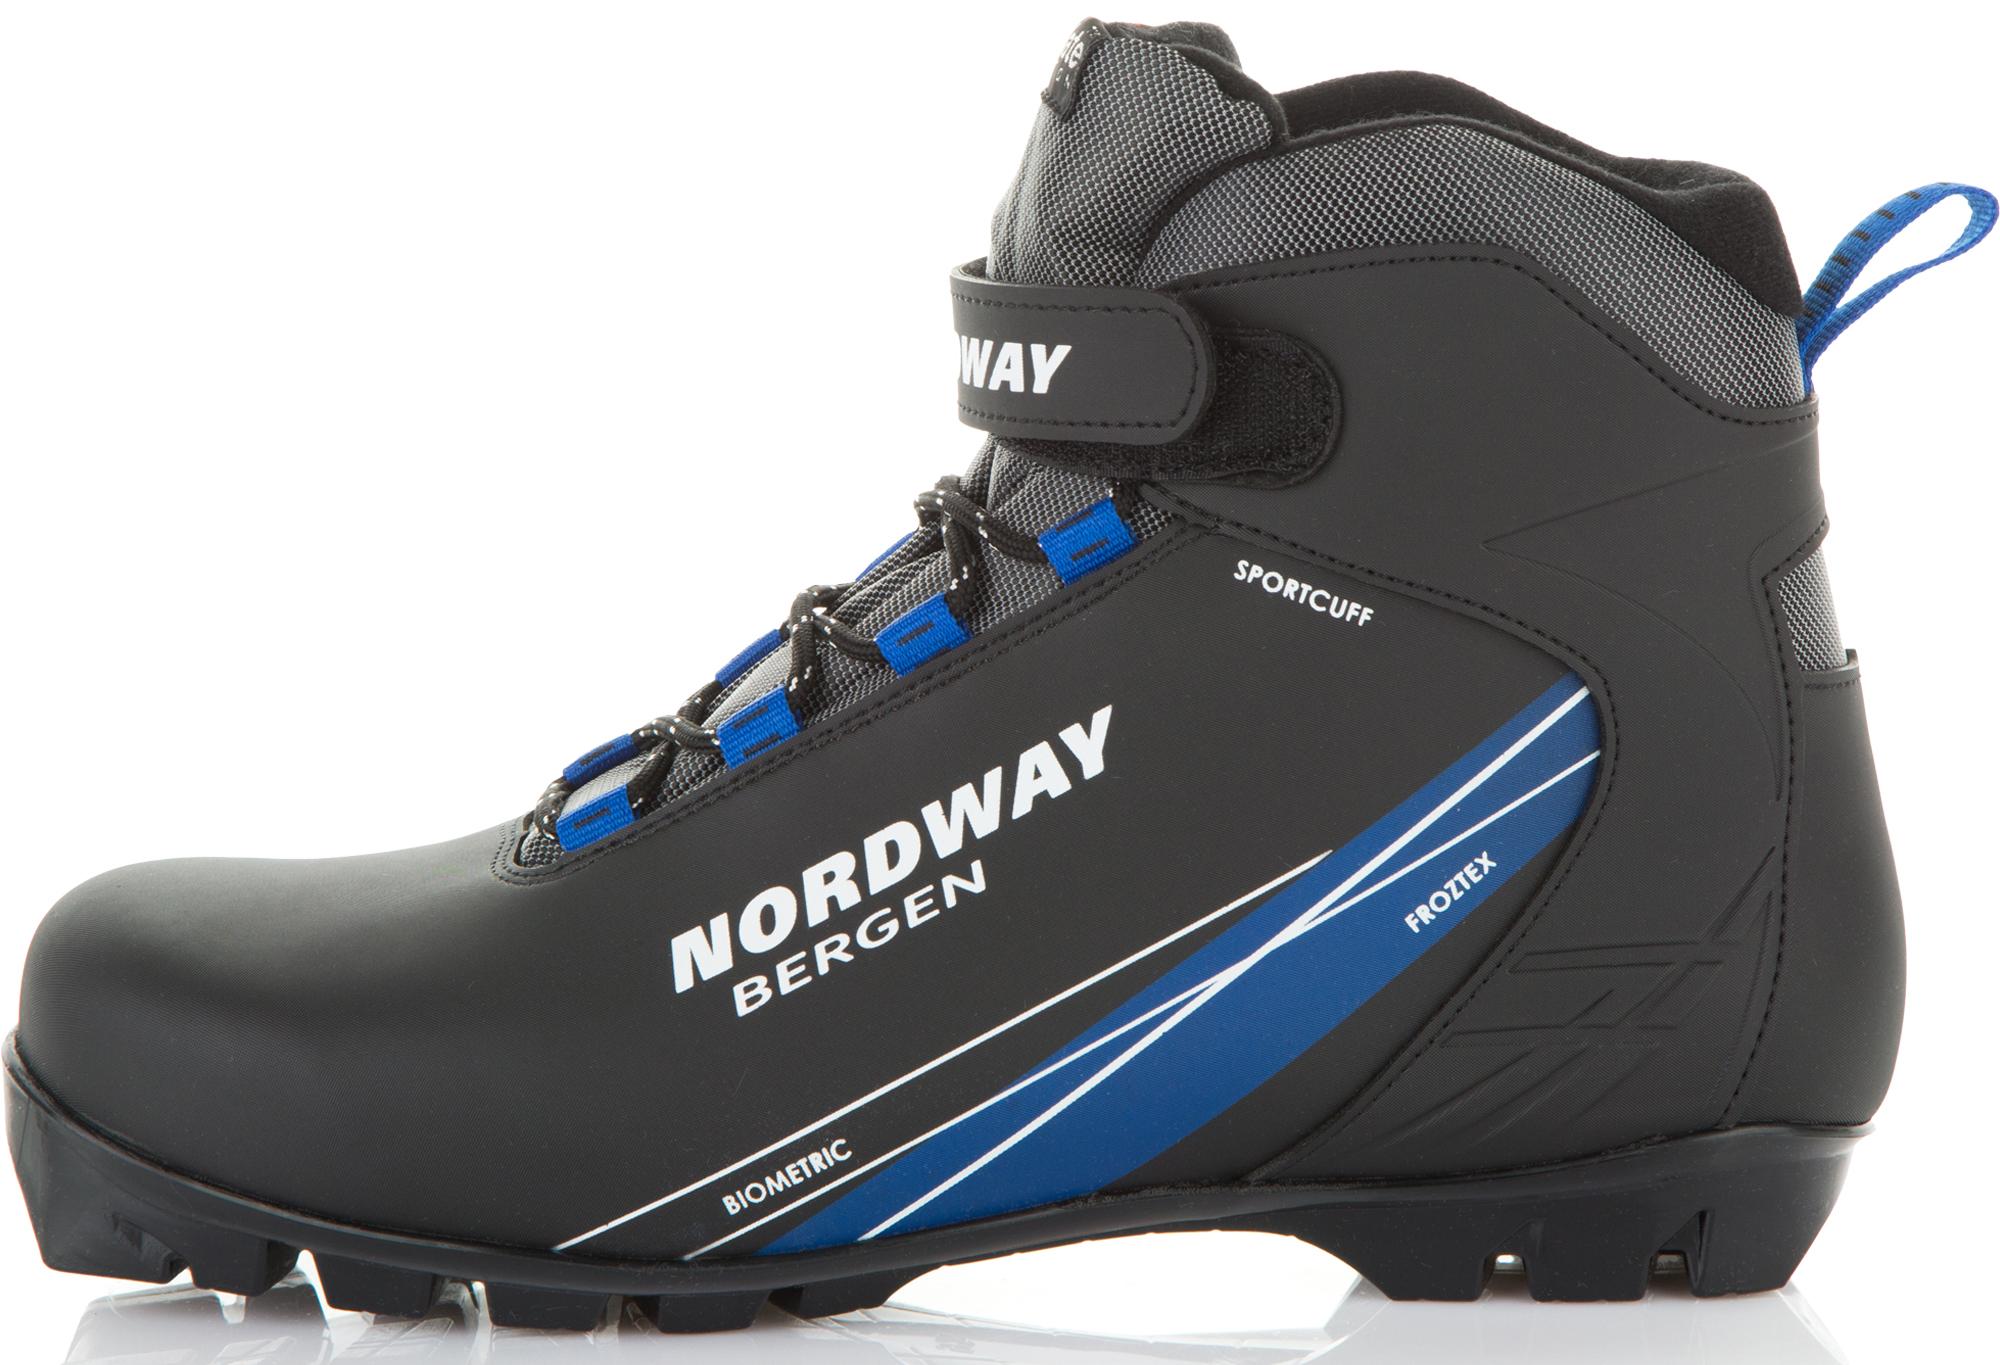 Nordway Ботинки для беговых лыж Nordway Bergen ботинки для горных лыж в украине